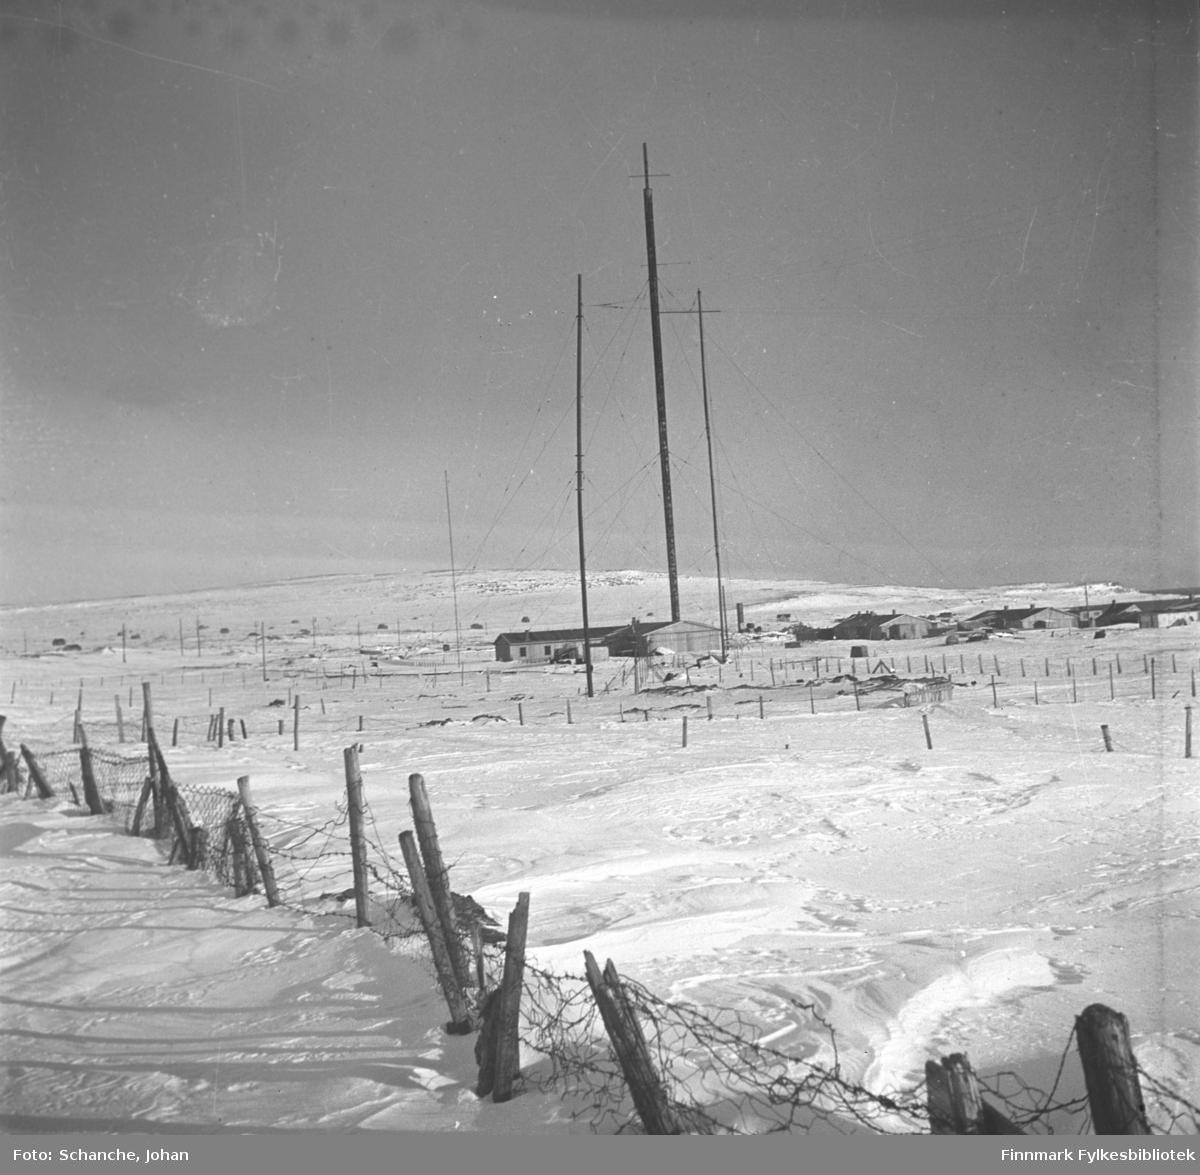 Radiomastene i Vadsø fotografert på vinter -46. Brakkehus. Kringkastingshus ble bombet natt til 3. juni 1940 og kringkasting hold hus i et brakkehus. Mastene står skjevt. Nederst på bildet piggtrådgjerde.